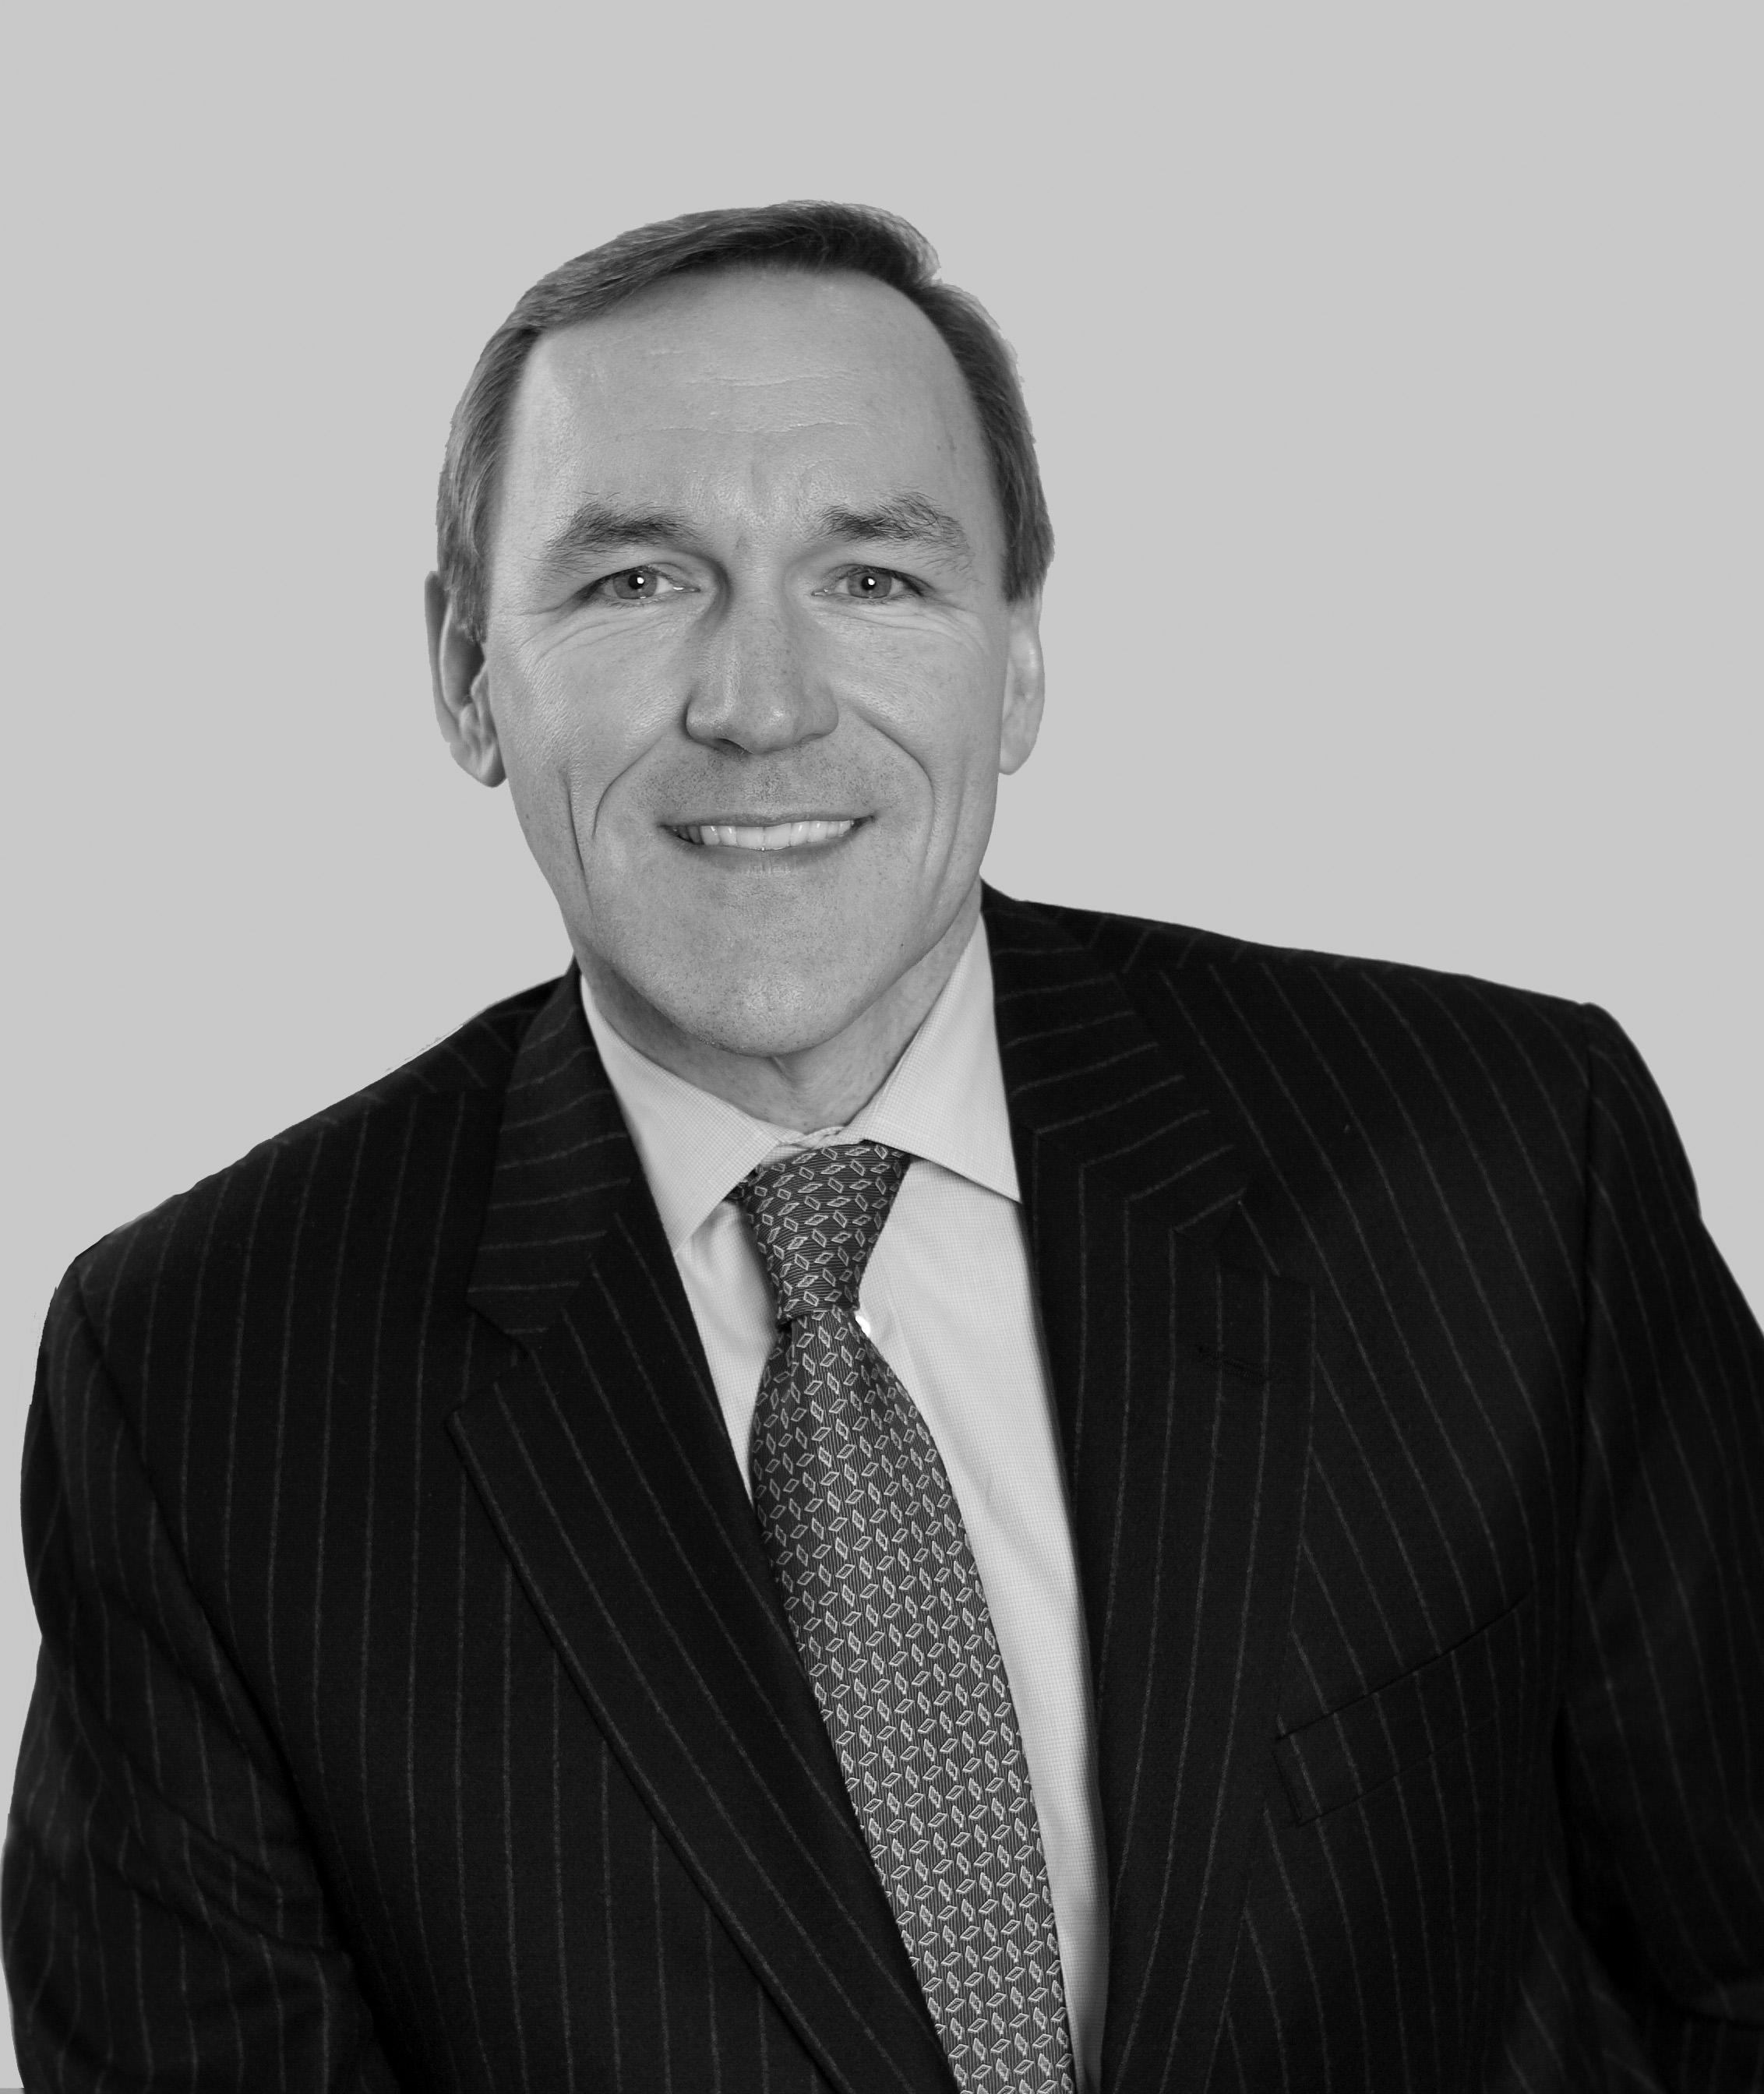 The Navigators Group (NASDAQ:NAVG) CEO Interview